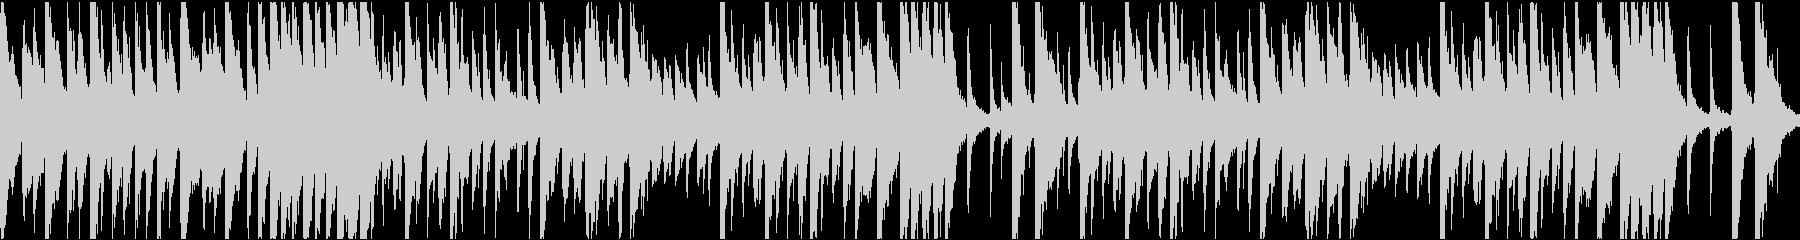 10秒でサビ、クラシックコミカル/ループの未再生の波形